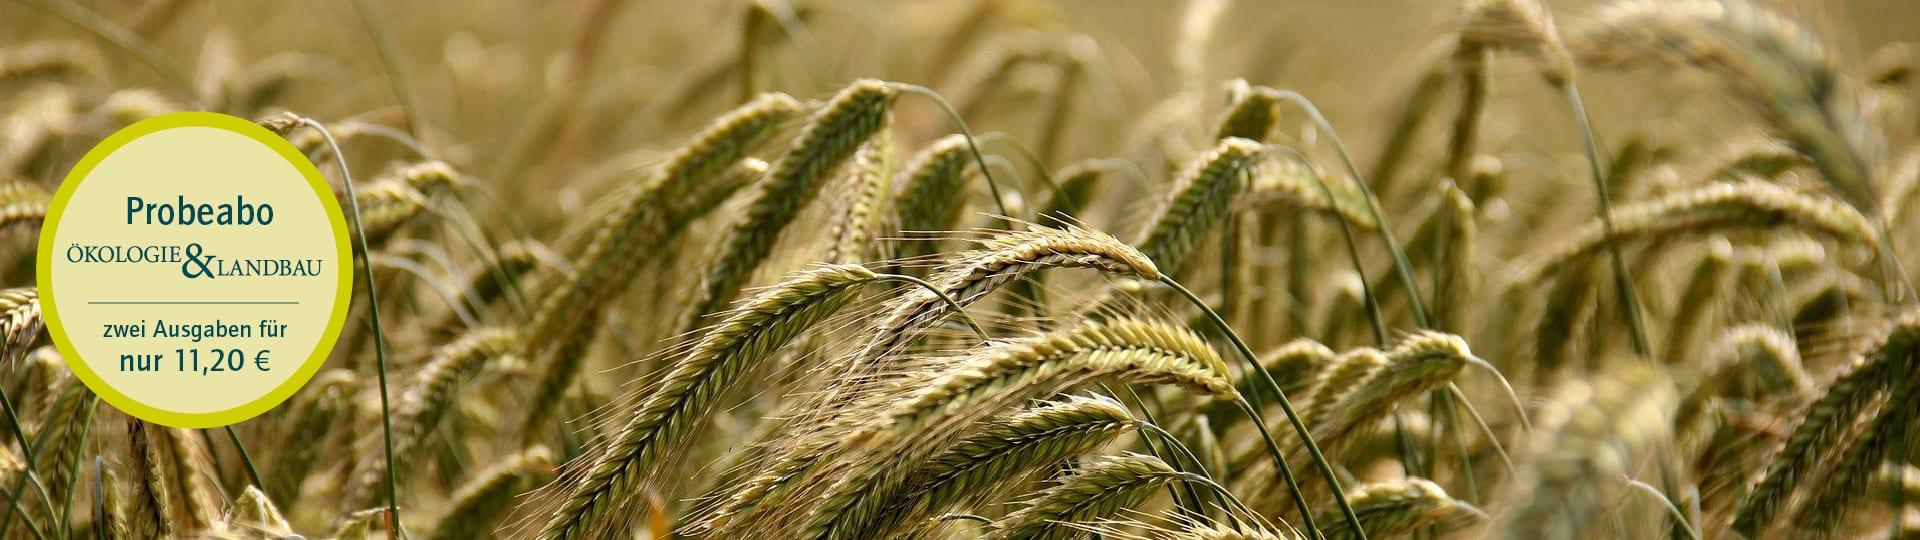 Kostenfreier Versand von Einzelheften der Zeitschrift Ökologie & Landbau